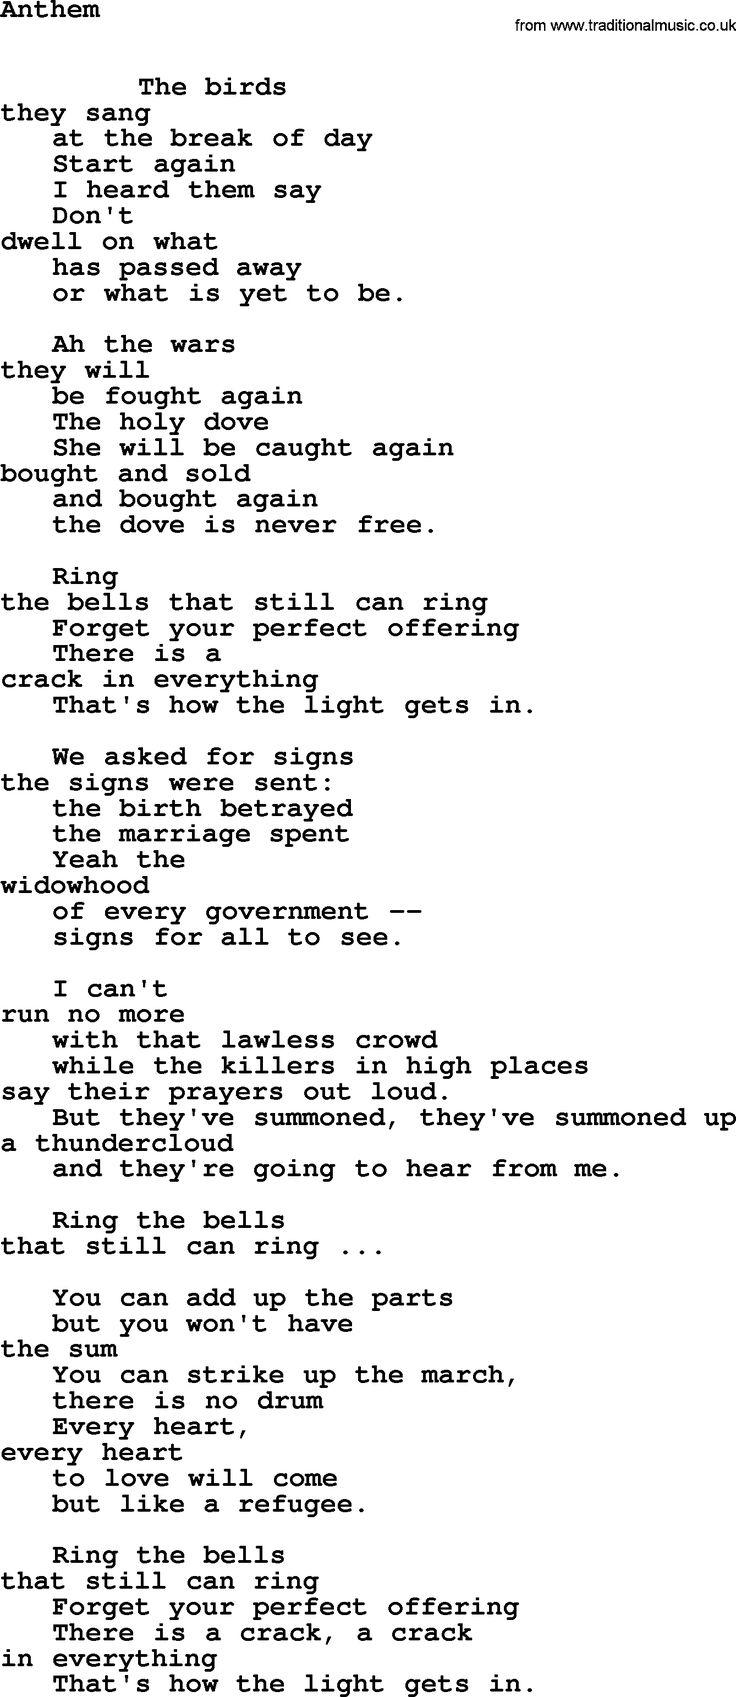 Leonard Cohen song Anthem-leonard-cohen.txt lyrics